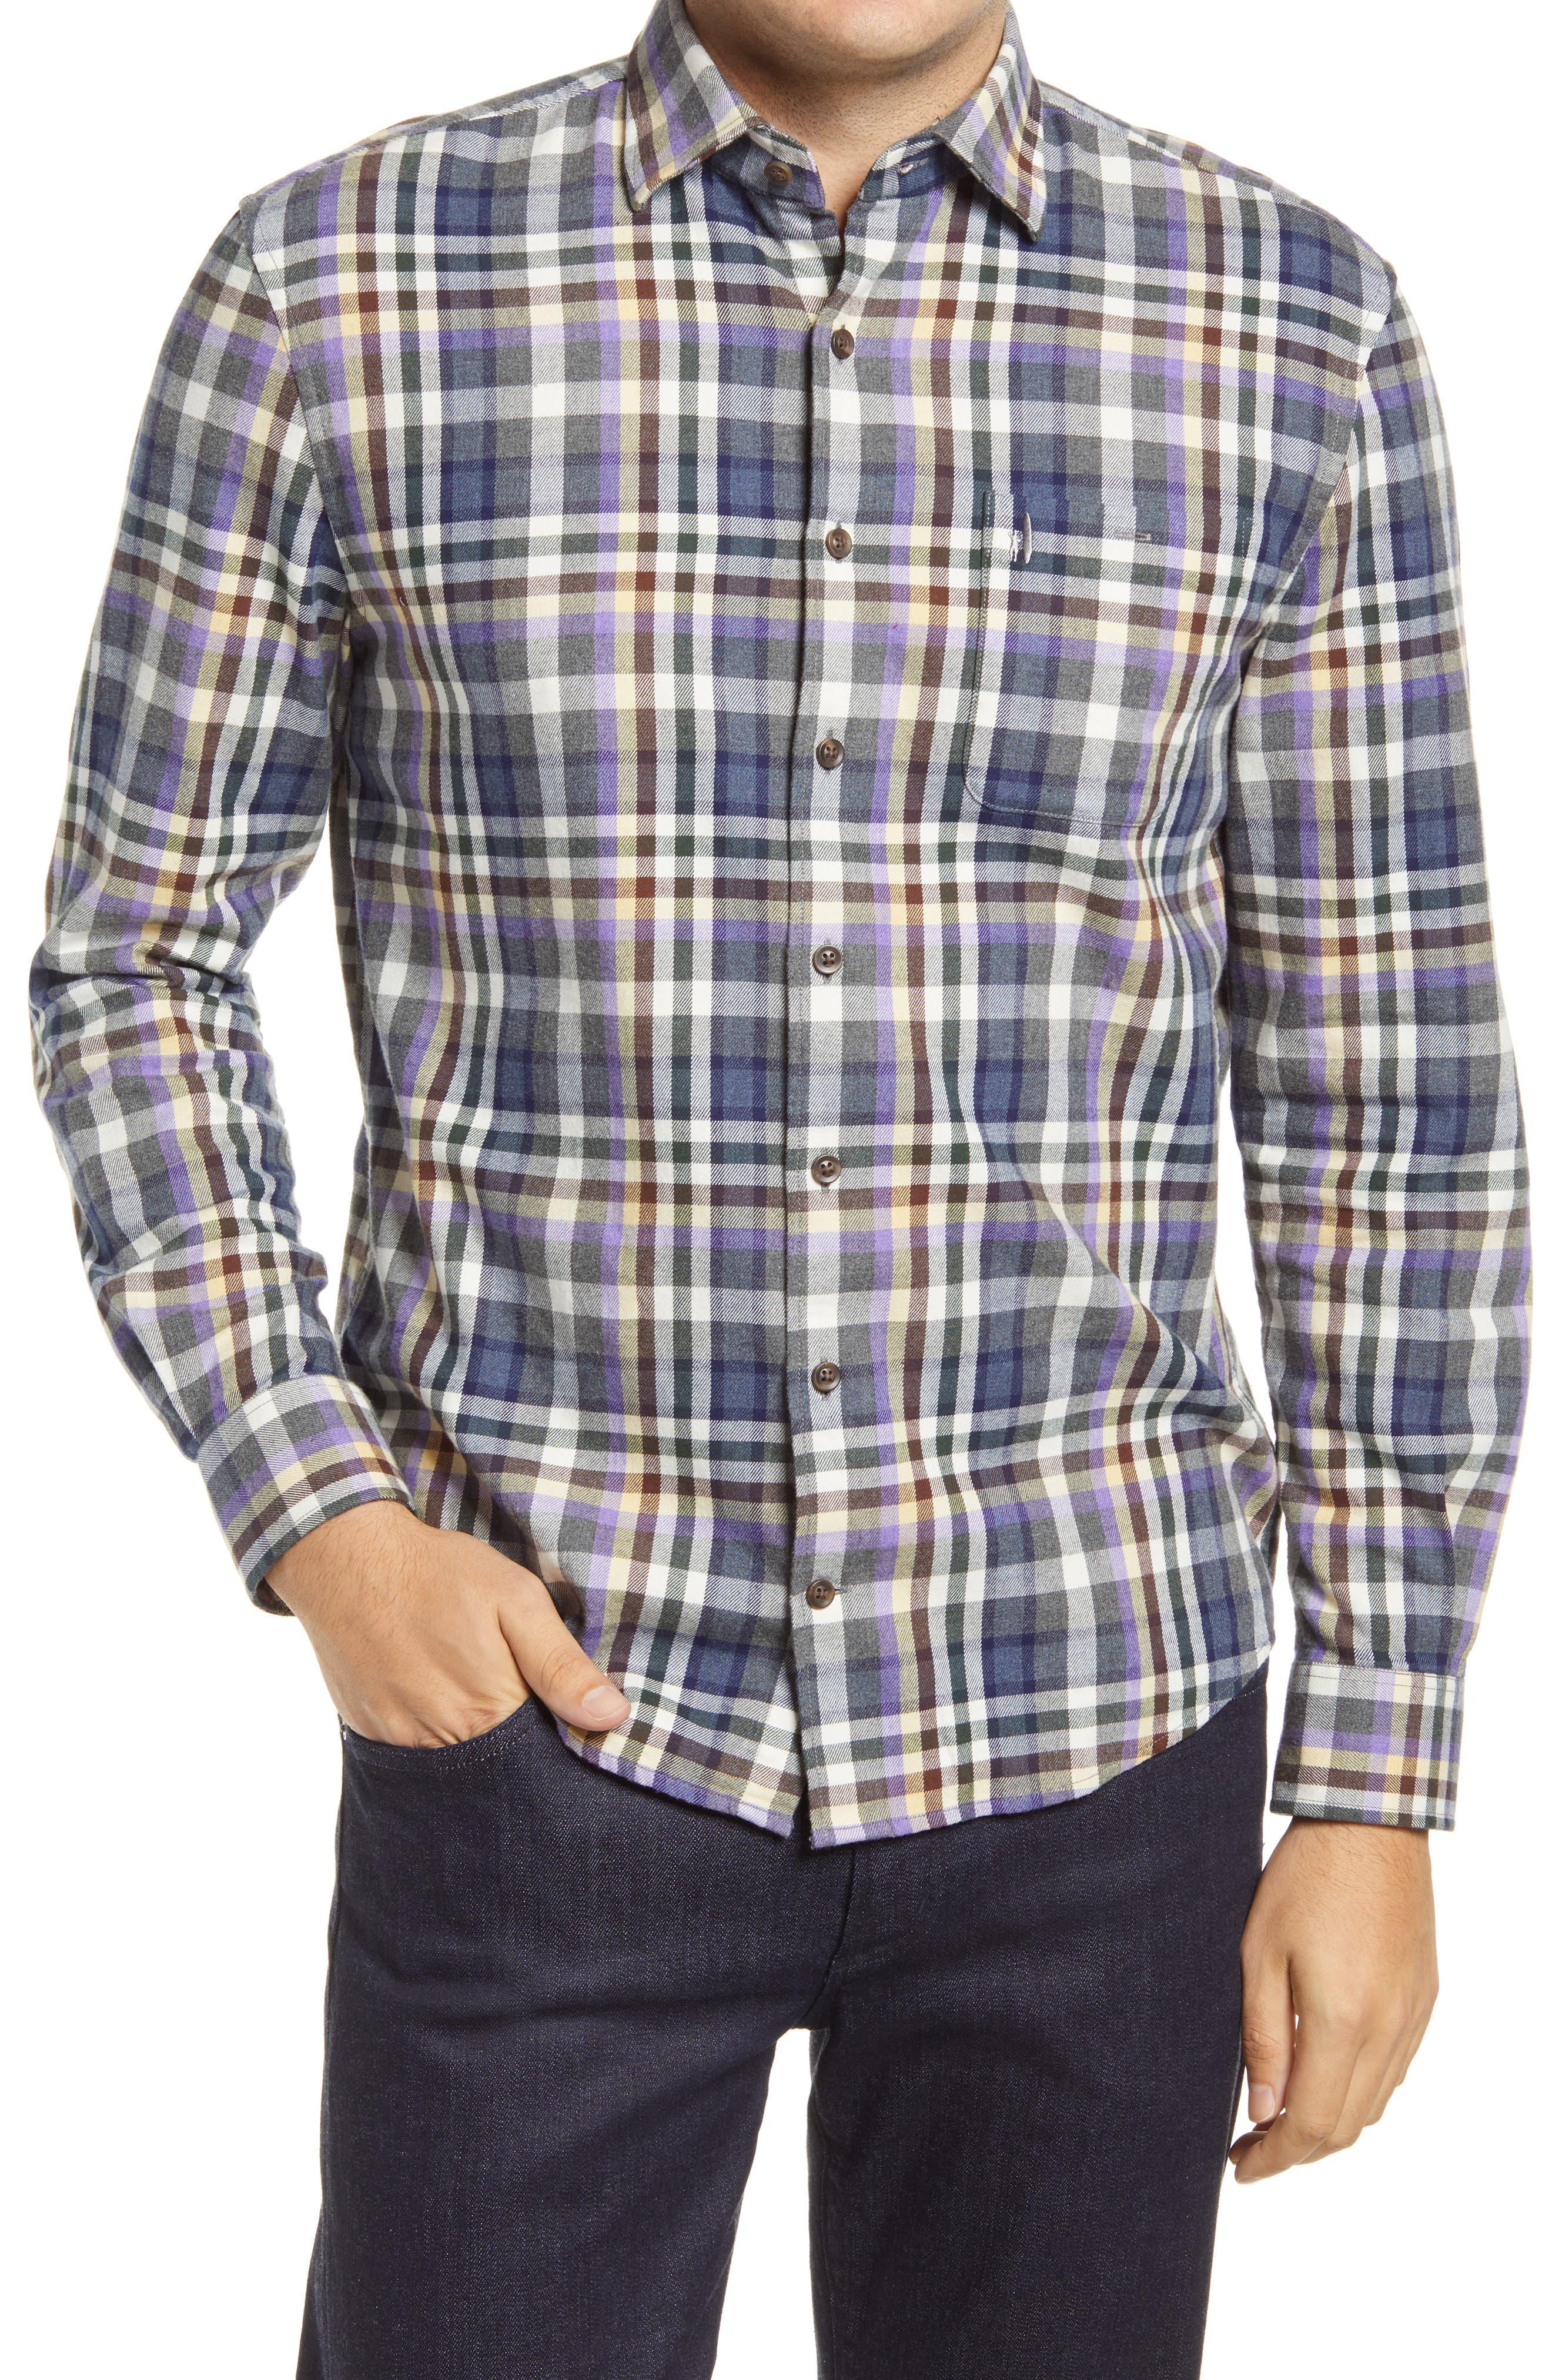 Ervin Plaid Flannel Button-Down Shirt